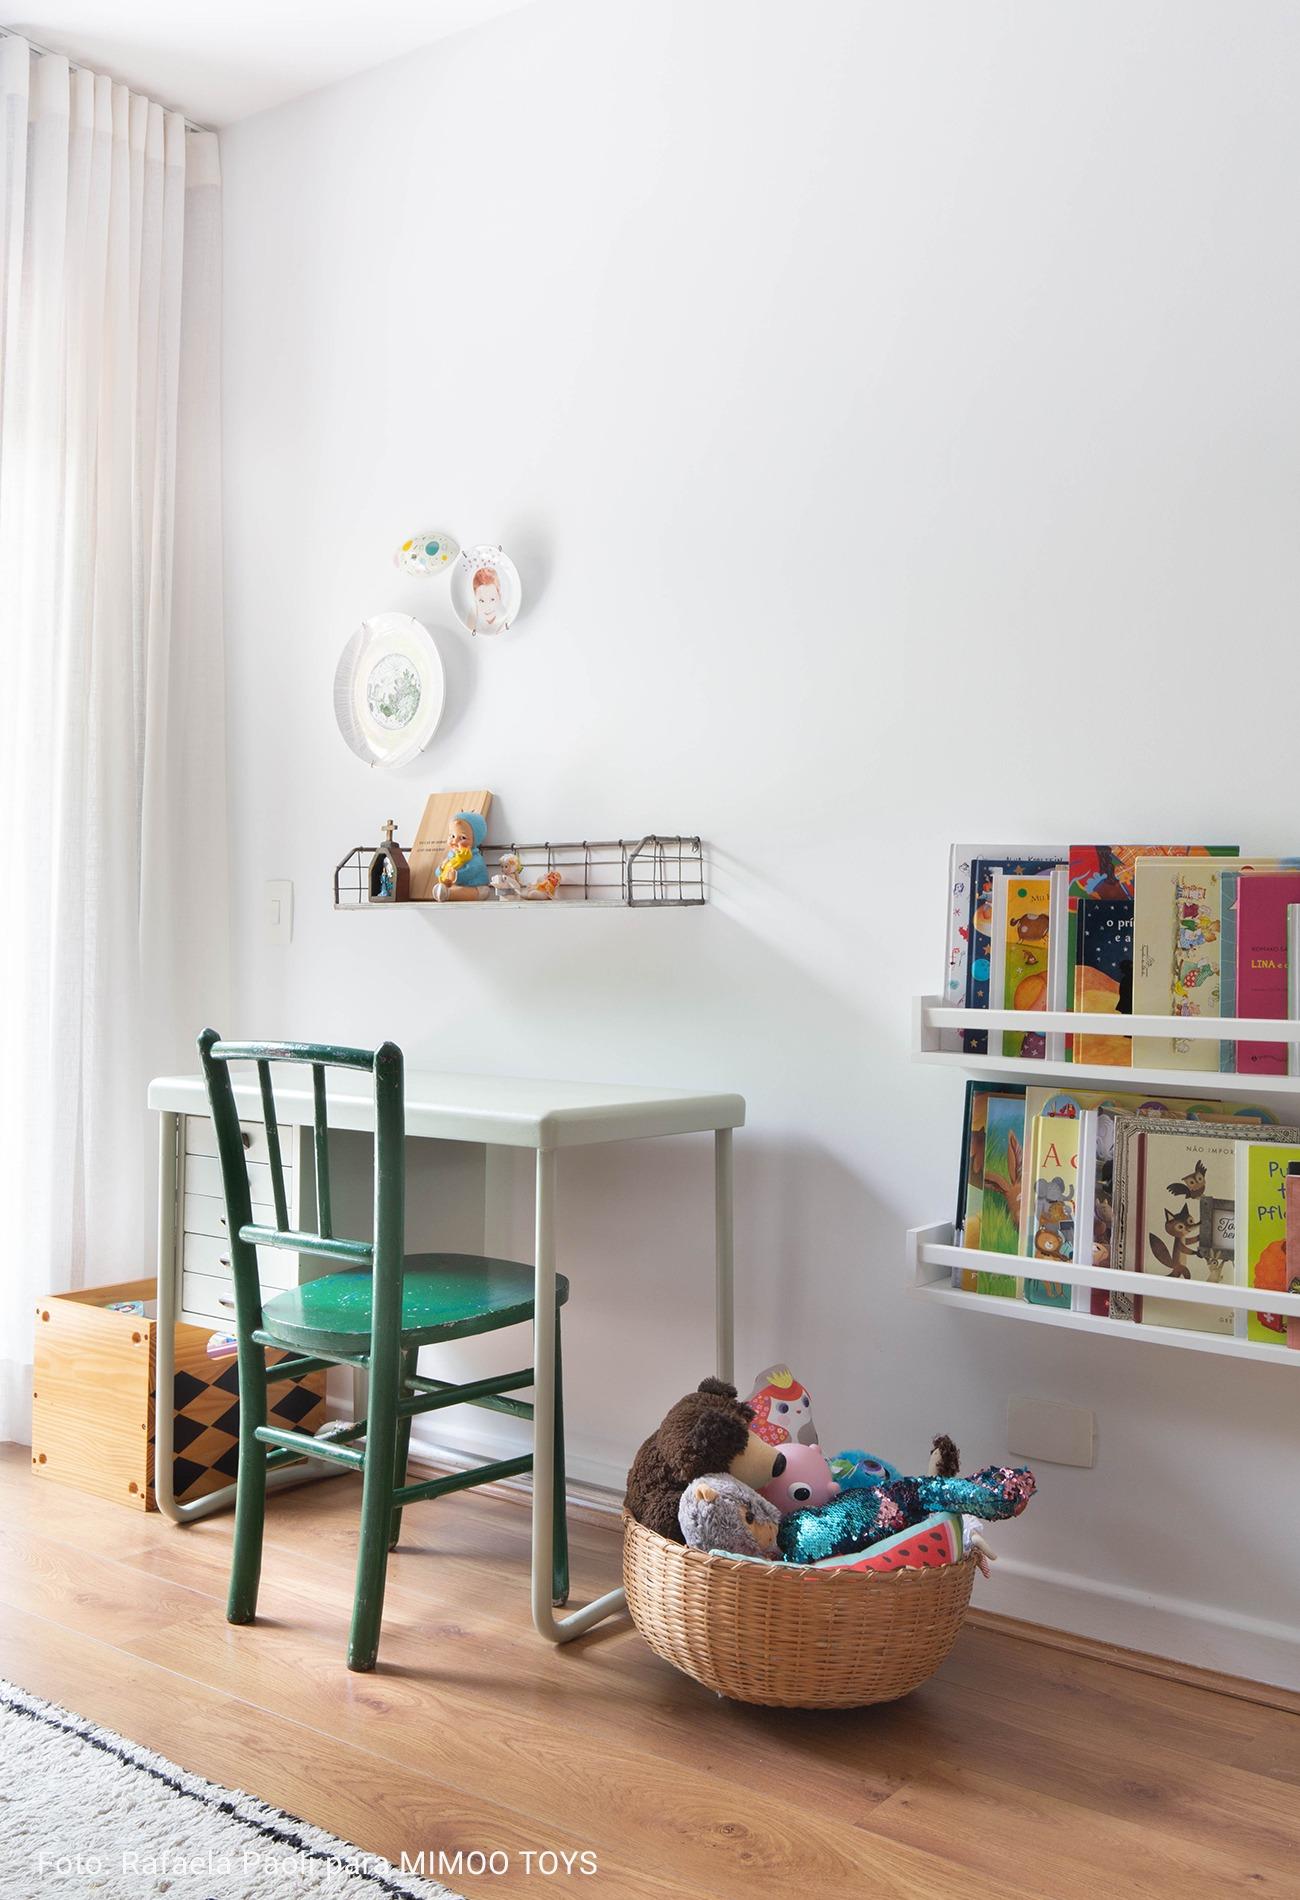 quarto infantil com cadeira verde